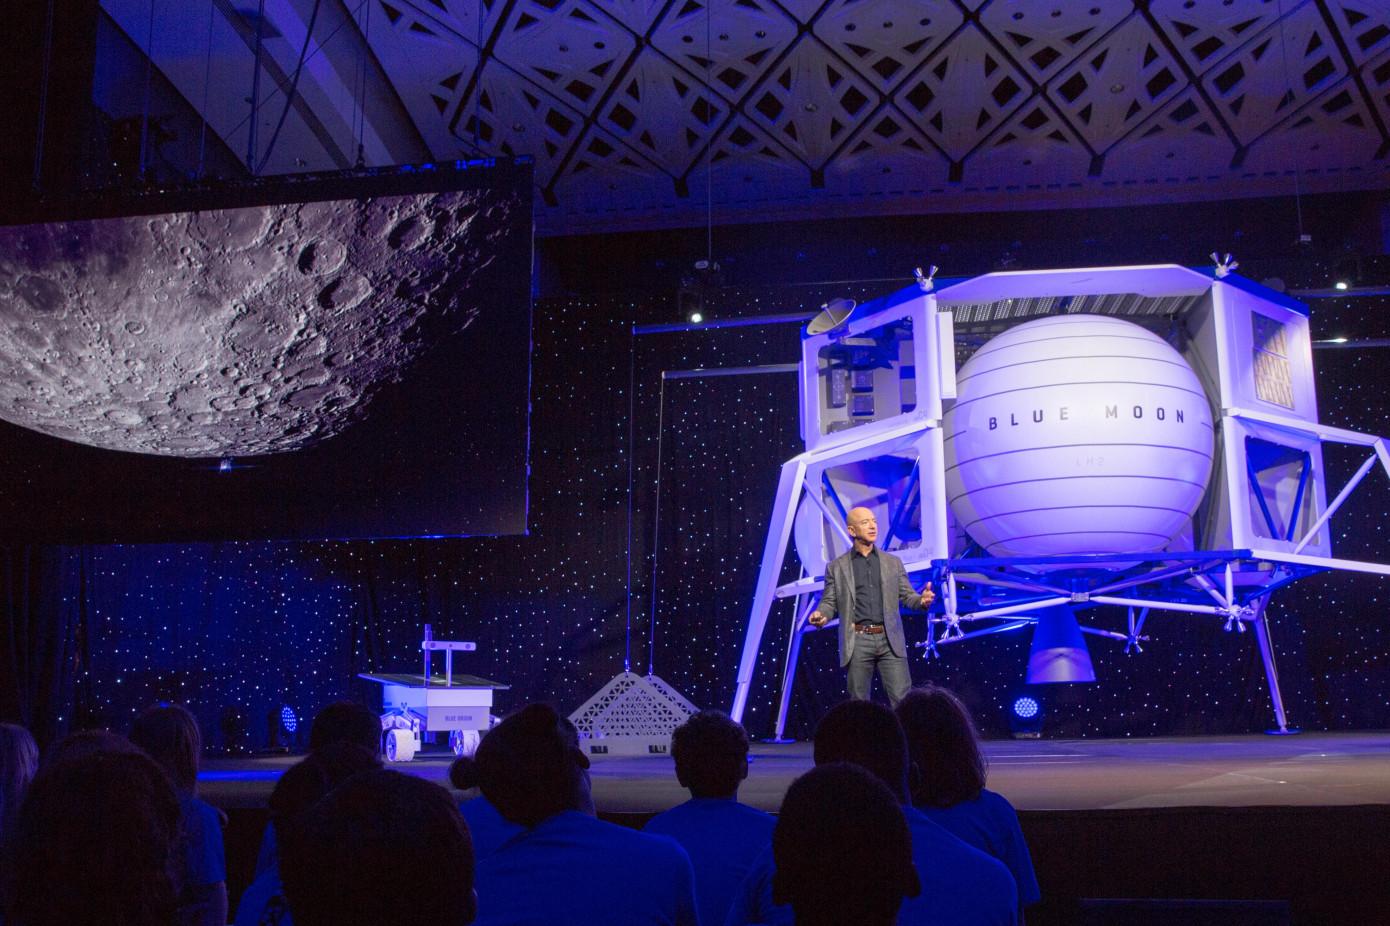 Джефф Безос объявил о планах покорения Луны - 1